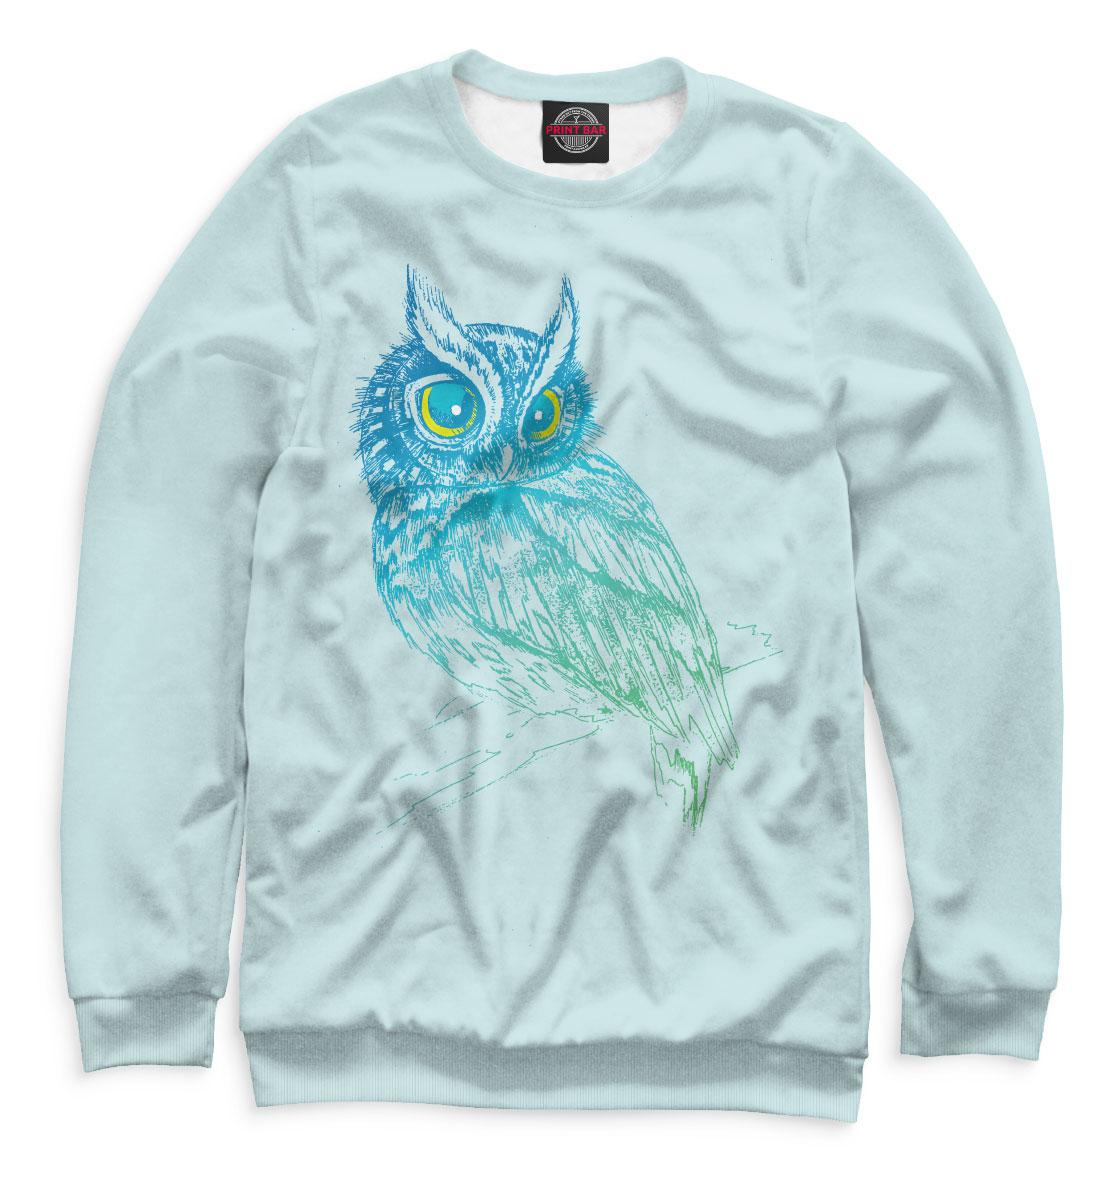 Купить Сова на ветке, Printbar, Свитшоты, OWL-715085-swi-1